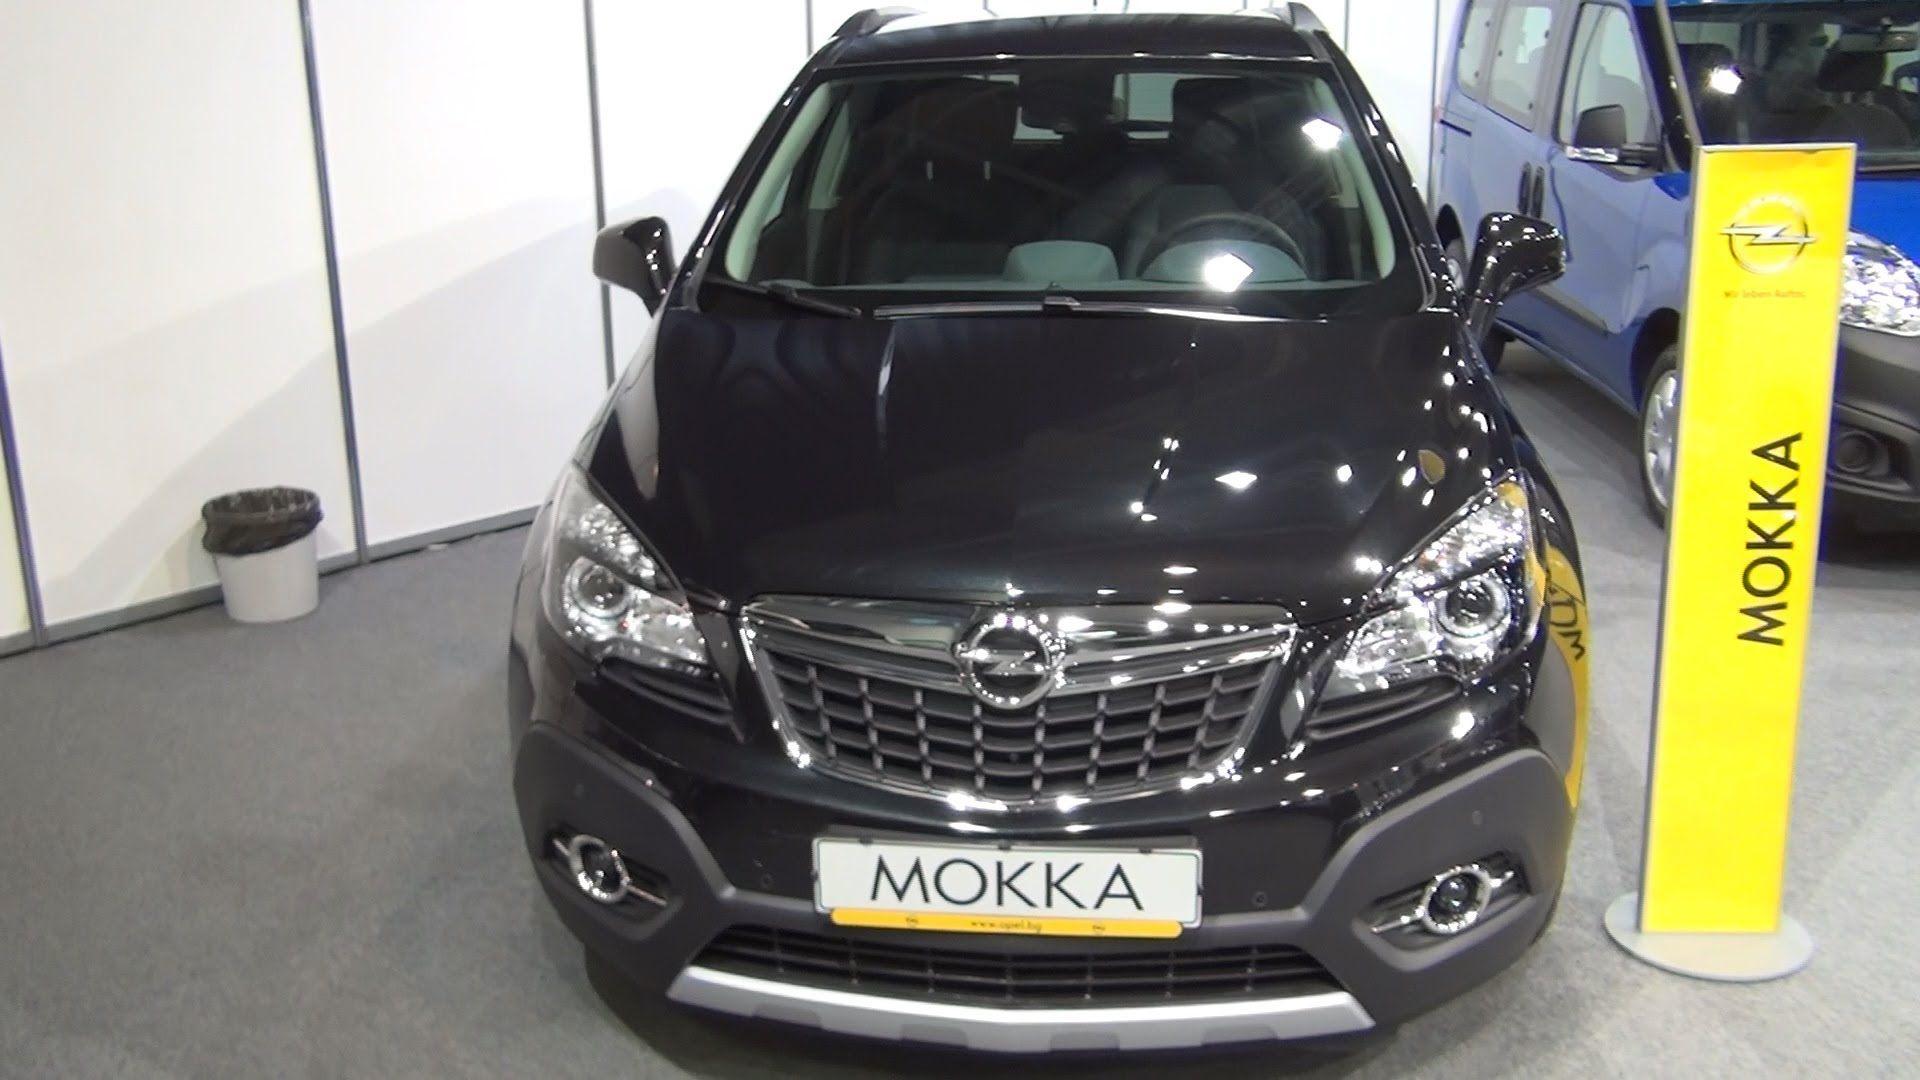 Opel Mokka Cosmo Fwd 1 7 Dts Opel Mokka Fwd Opel